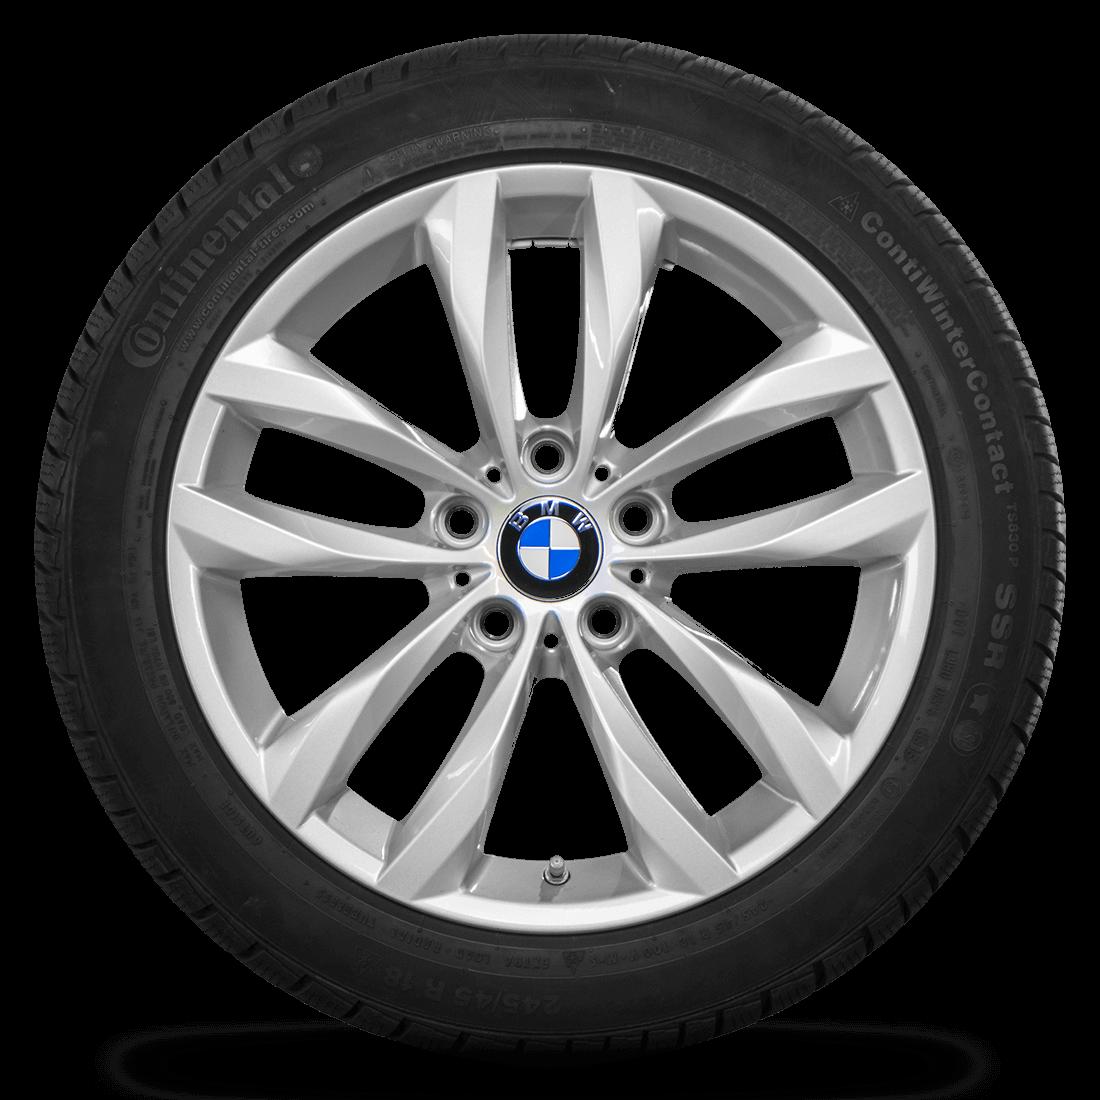 BMW 18 Zoll 5er F10 F11 6er F12 F13 Felgen 609 6862892 Winterreifen Winterräder